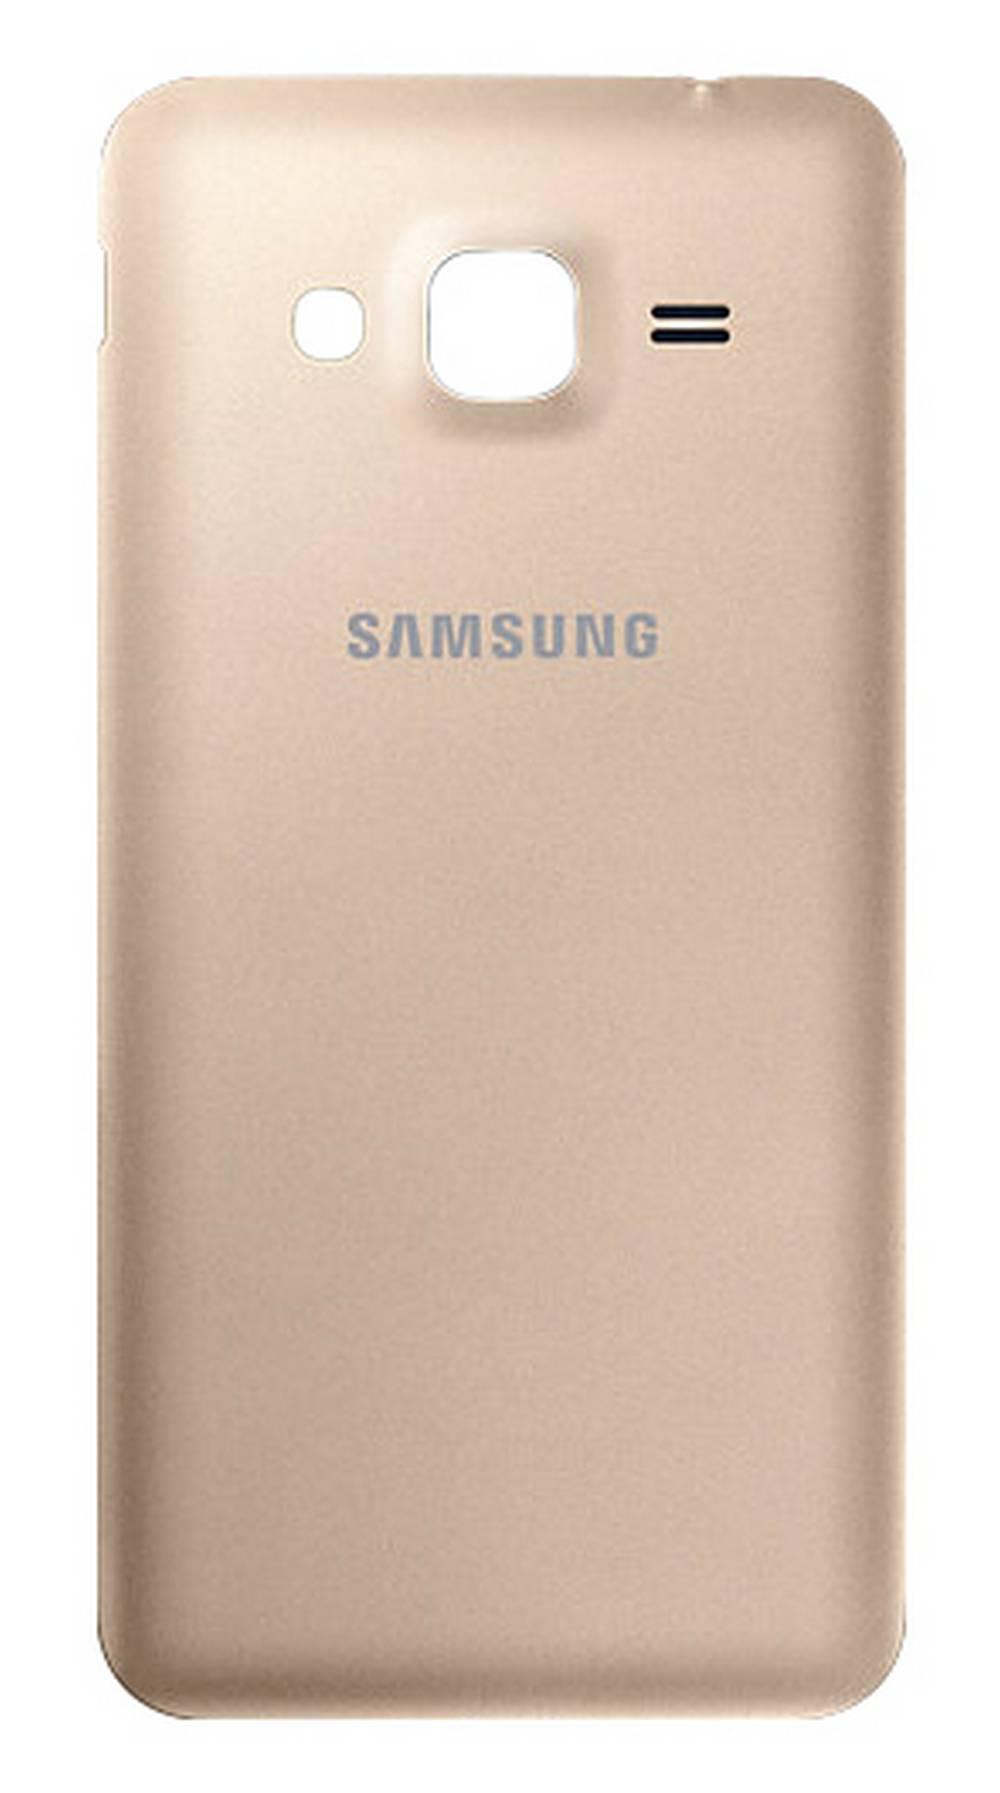 Καπάκι Μπαταρίας Samsung SM-J320FN Galaxy J3 (2016) Χρυσαφί Original GH98-39052B